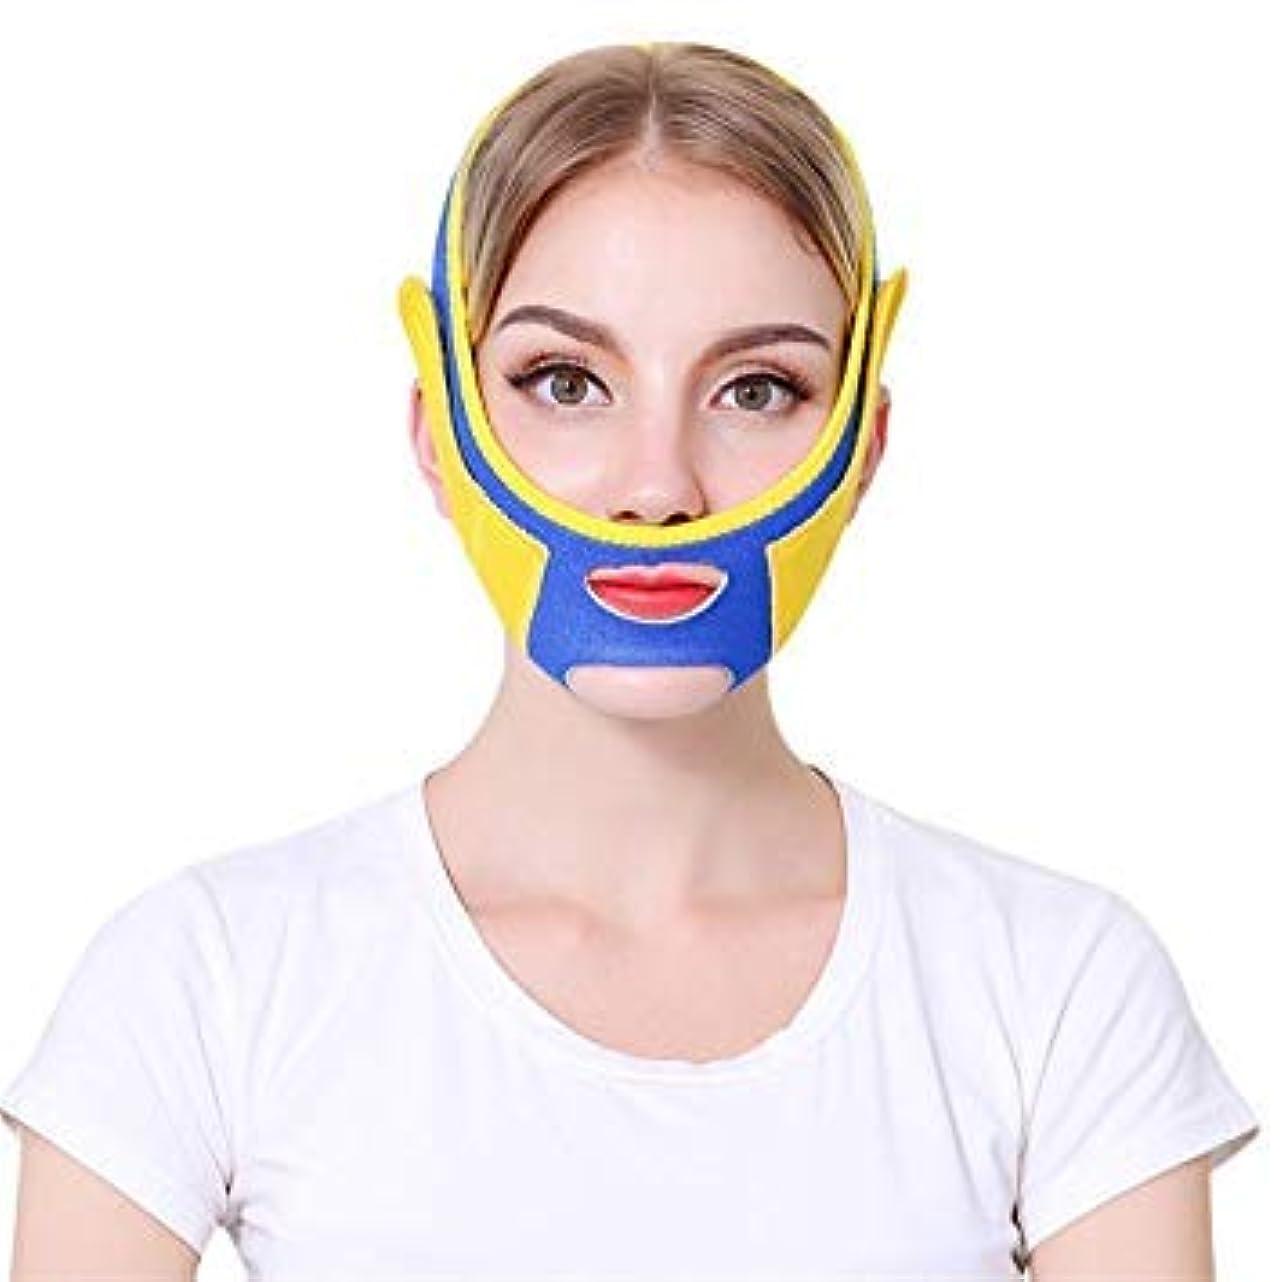 とにかくガレージスクレーパー顔のリフティングスリムウエストバンド、頬のV字型リフティング薄型マスク、滑らかで通気性のあるコンプレッションダブルあご付きで包帯を減らし、フェイスリフト/スリミング/スリープフェイス/マスクで体重を減らします (blue)